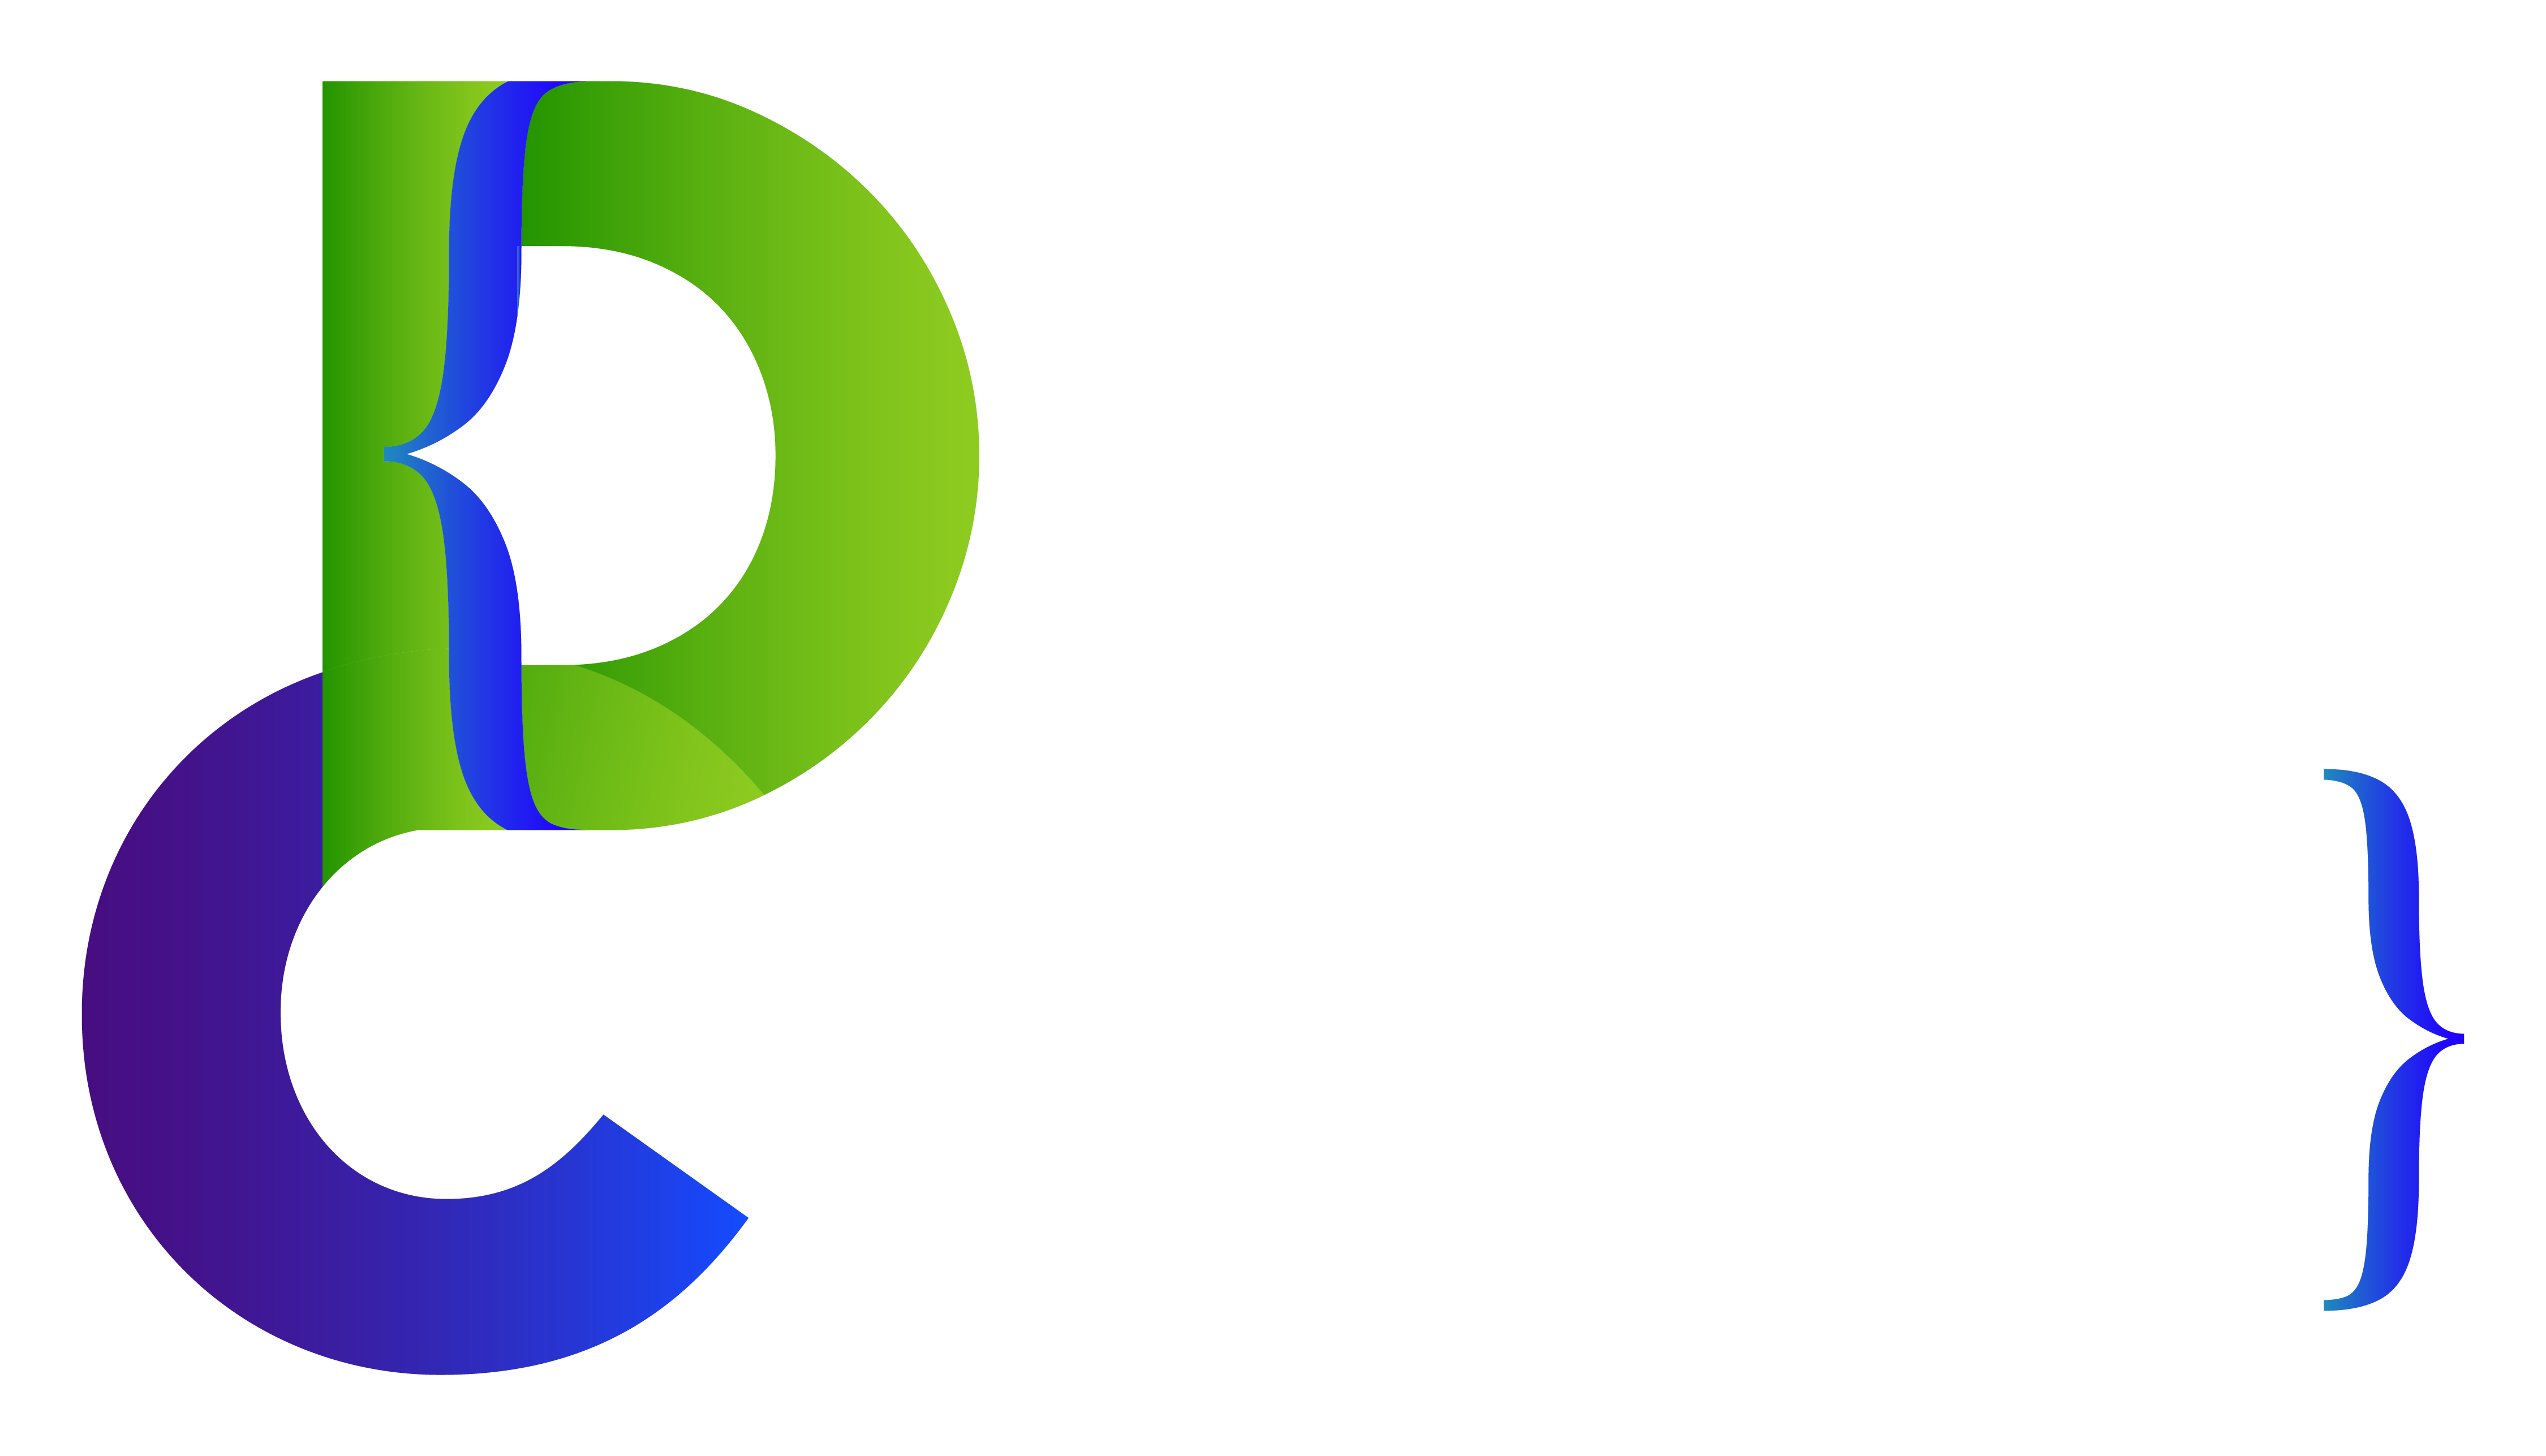 Digital-code-logo3-02.png